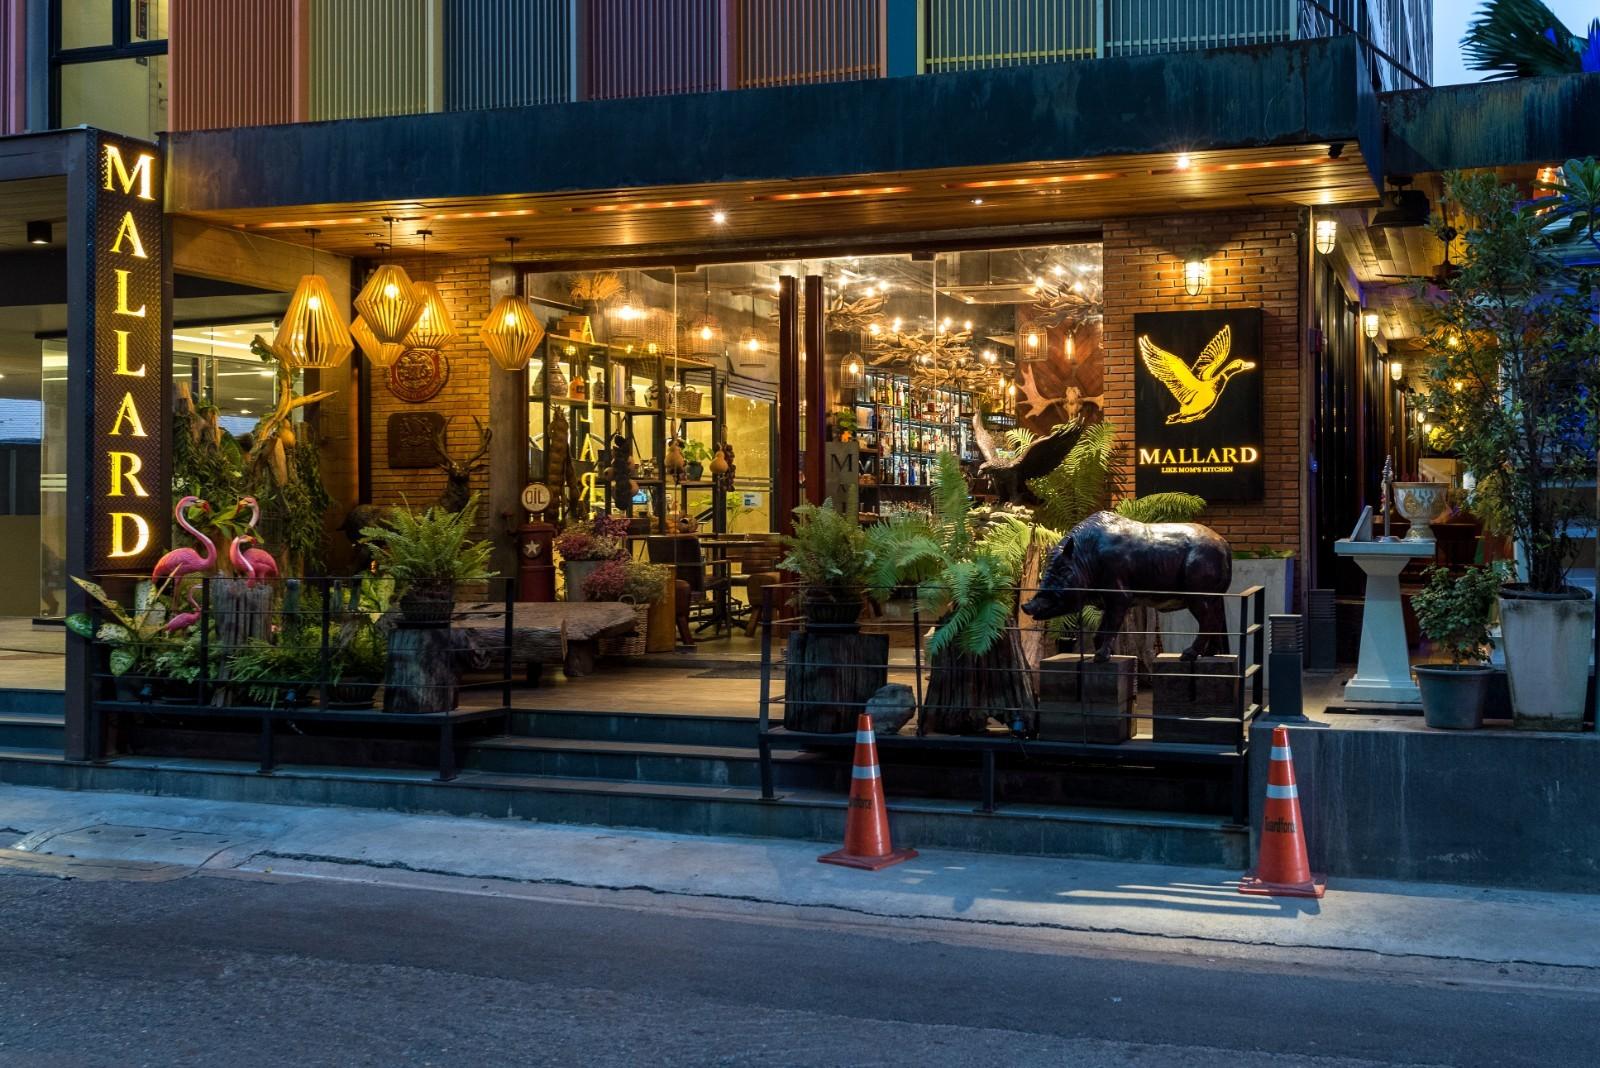 Mallard-Restaurant-Ambience-HR-22.jpg